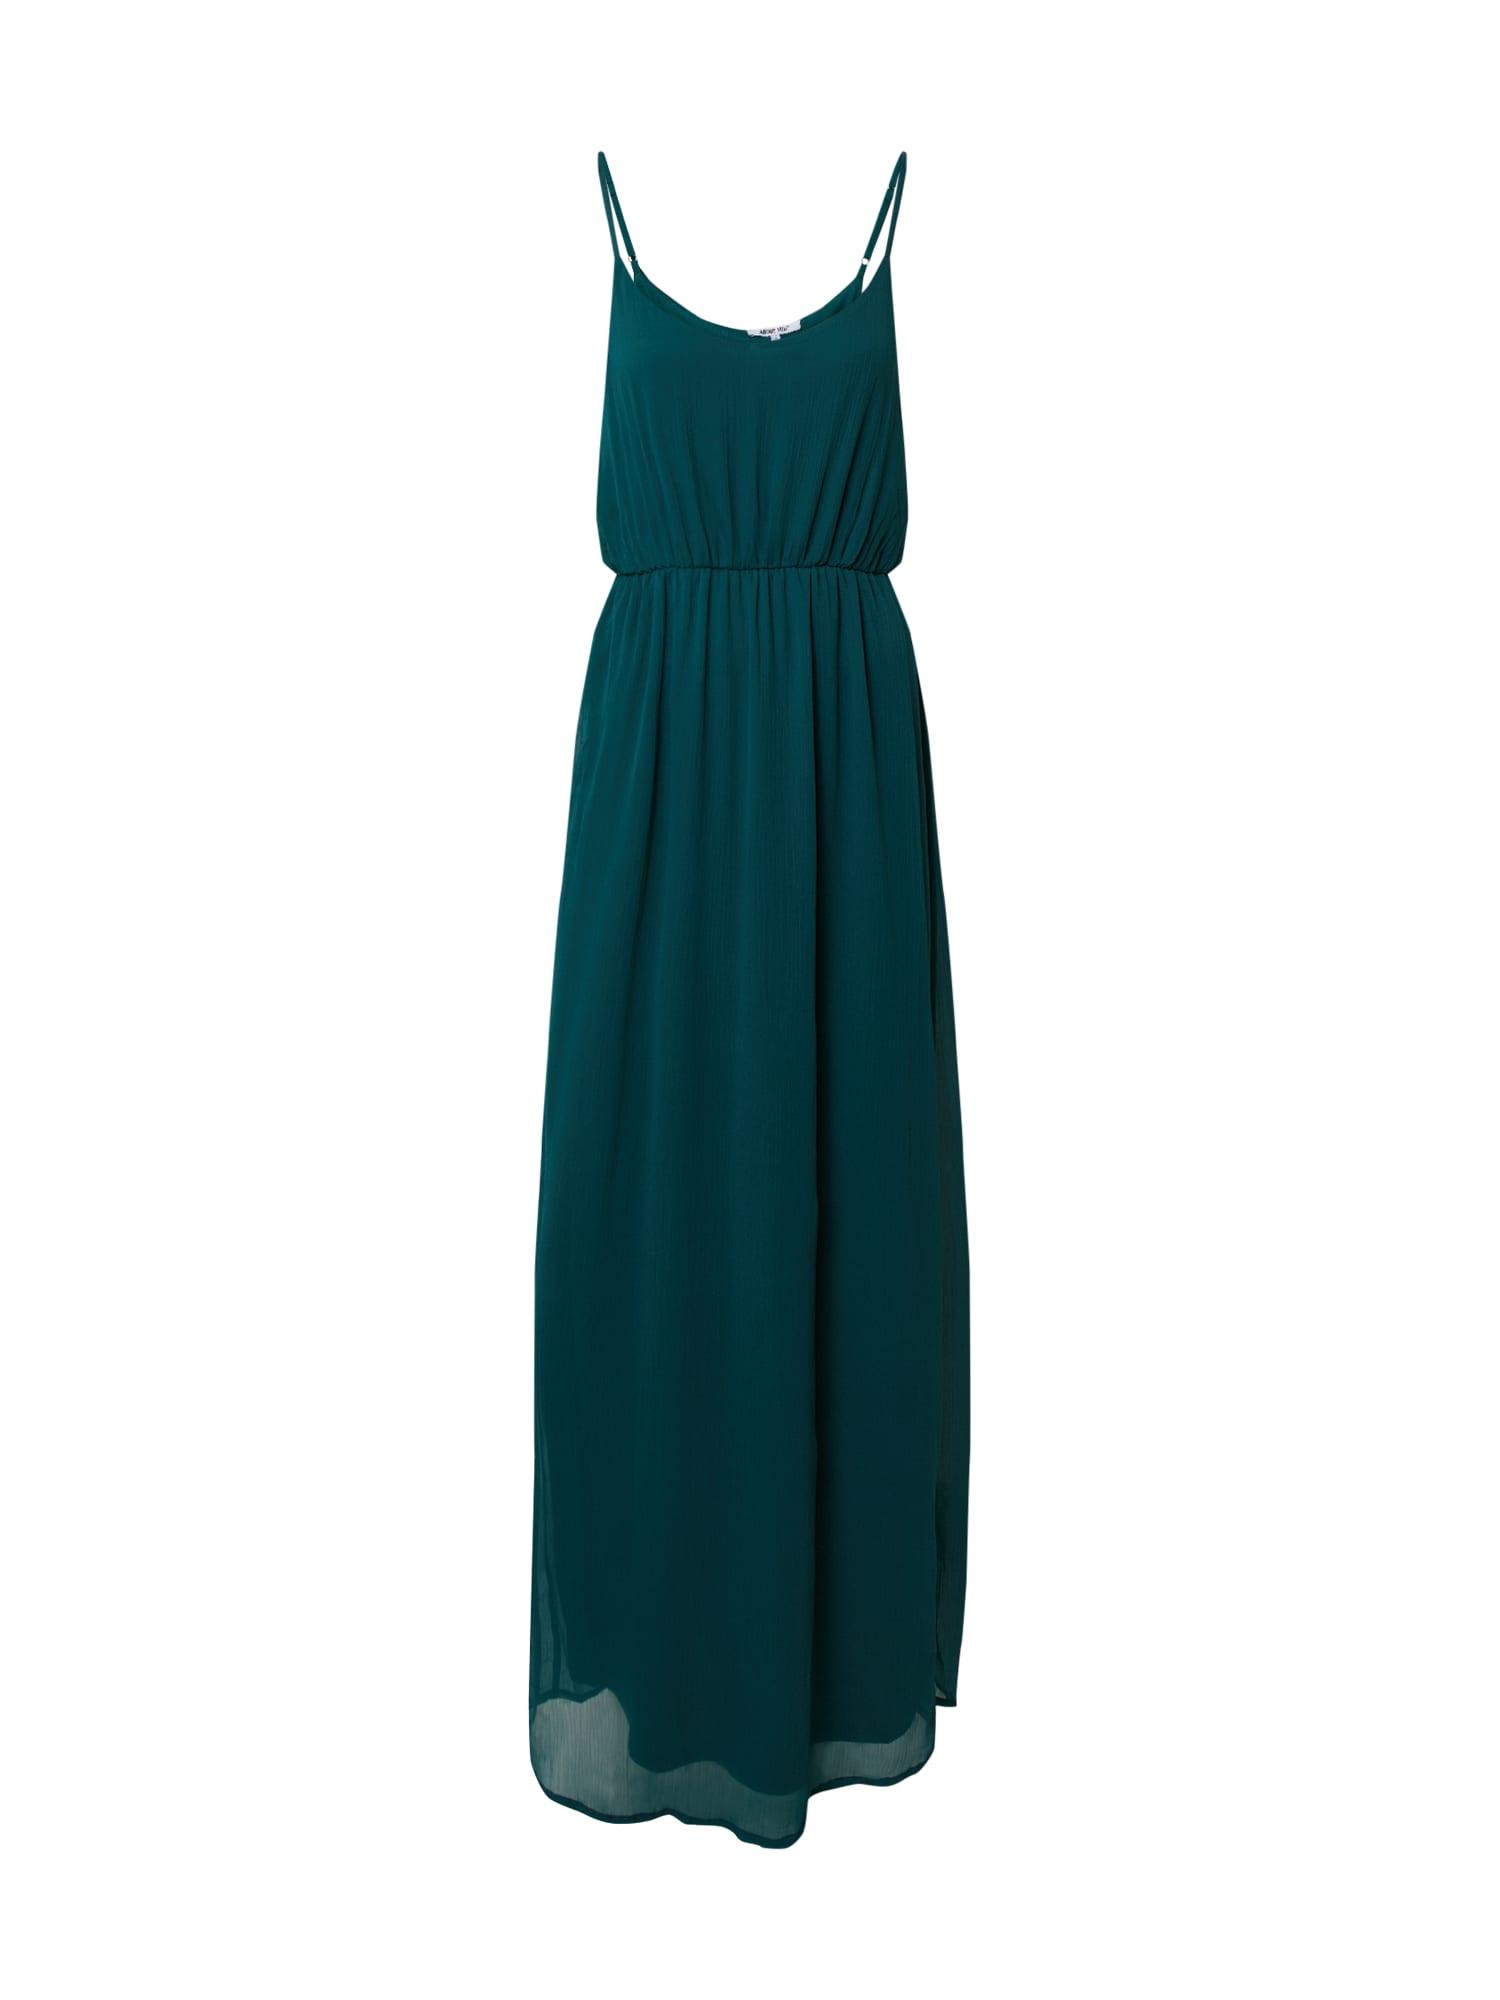 ABOUT YOU Suknelė 'Malou' smaragdinė spalva